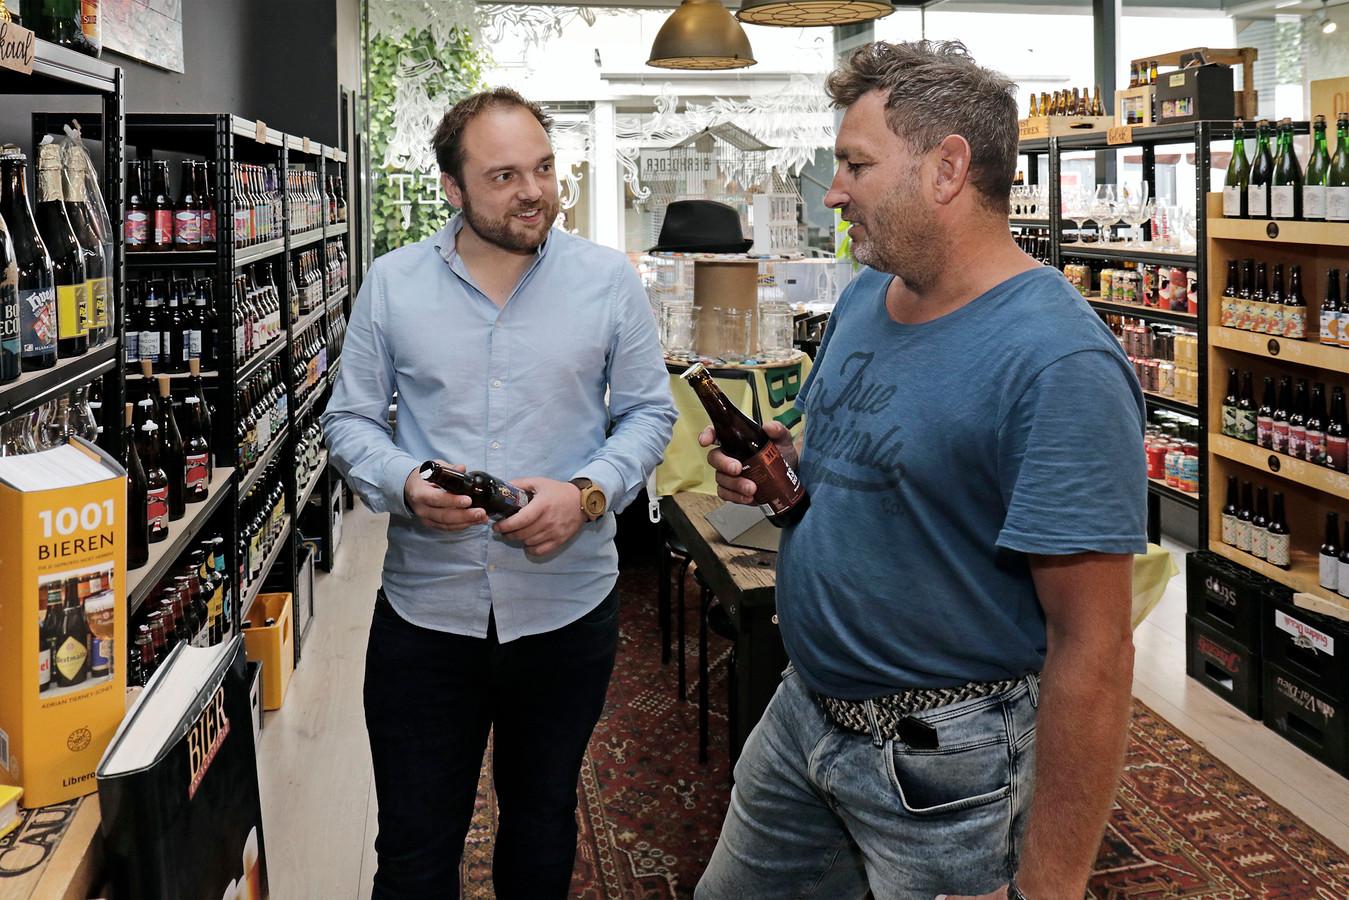 Bij De Bierhoeder in de Schakel gaan de zaken beter dan verwacht volgens eigenaar Willem-Jan van der Heijden (links).